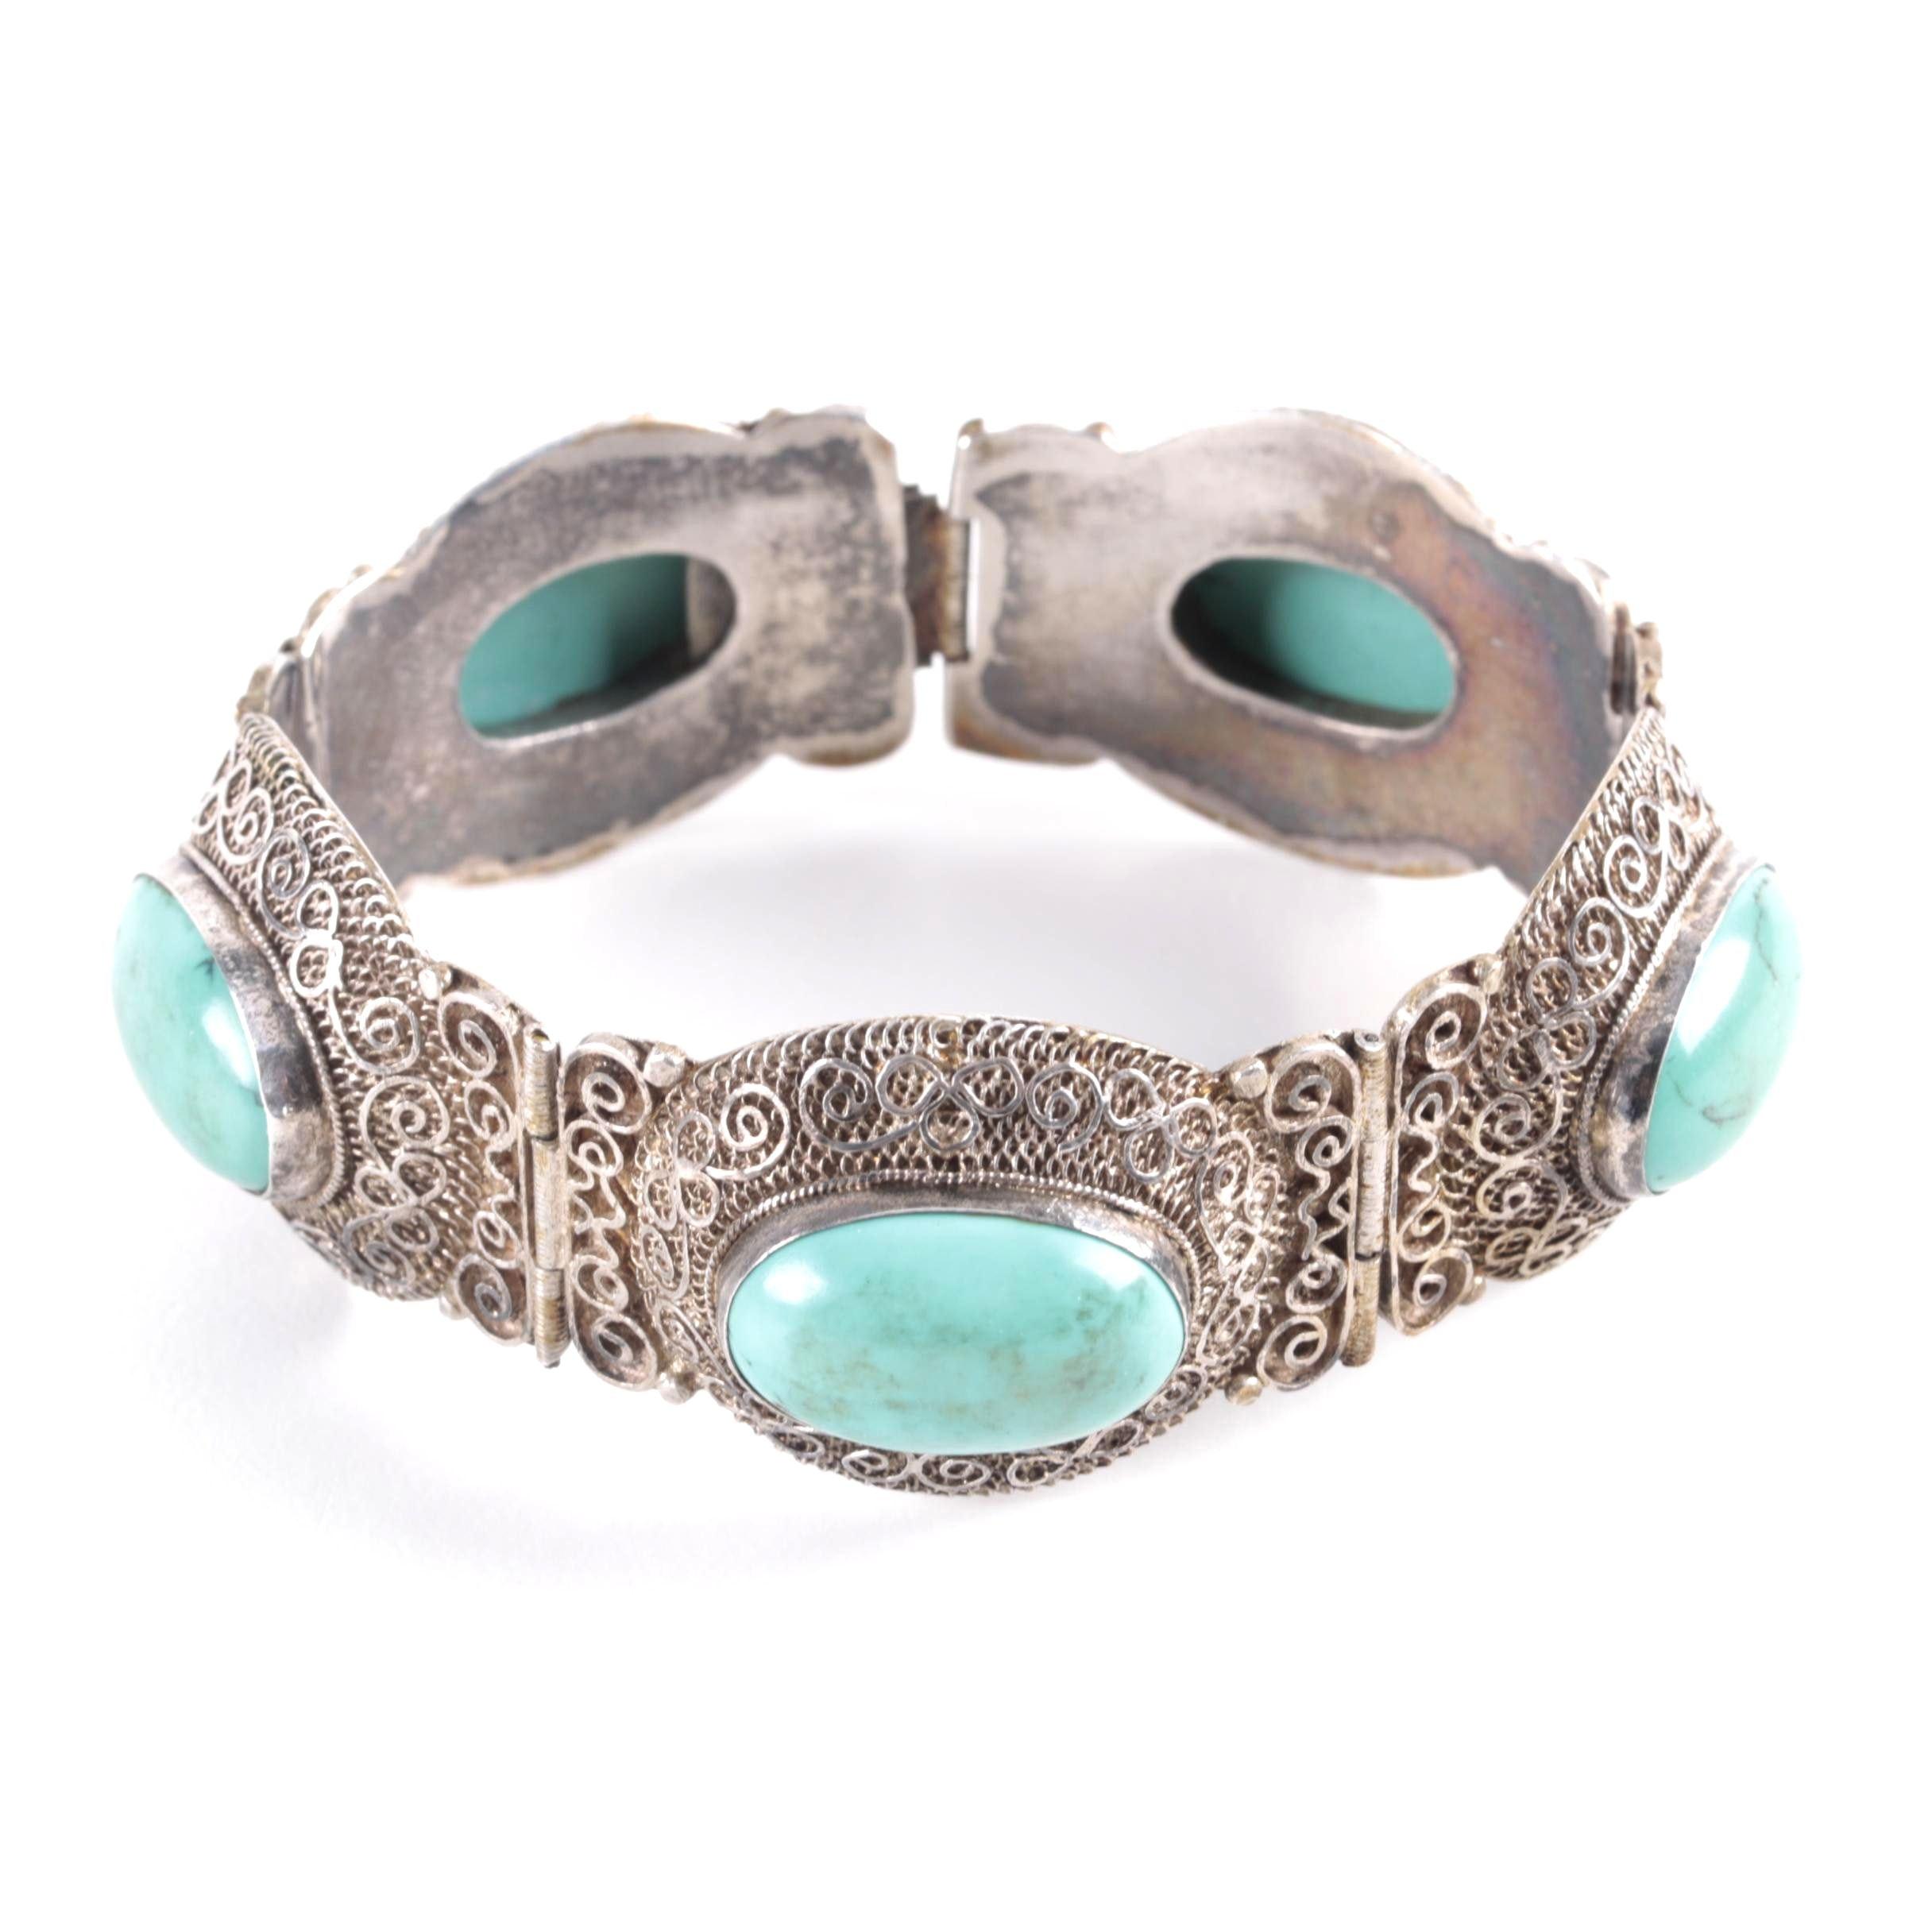 Vintage Sterling Silver and Howlite Hinged Filigree Bracelet